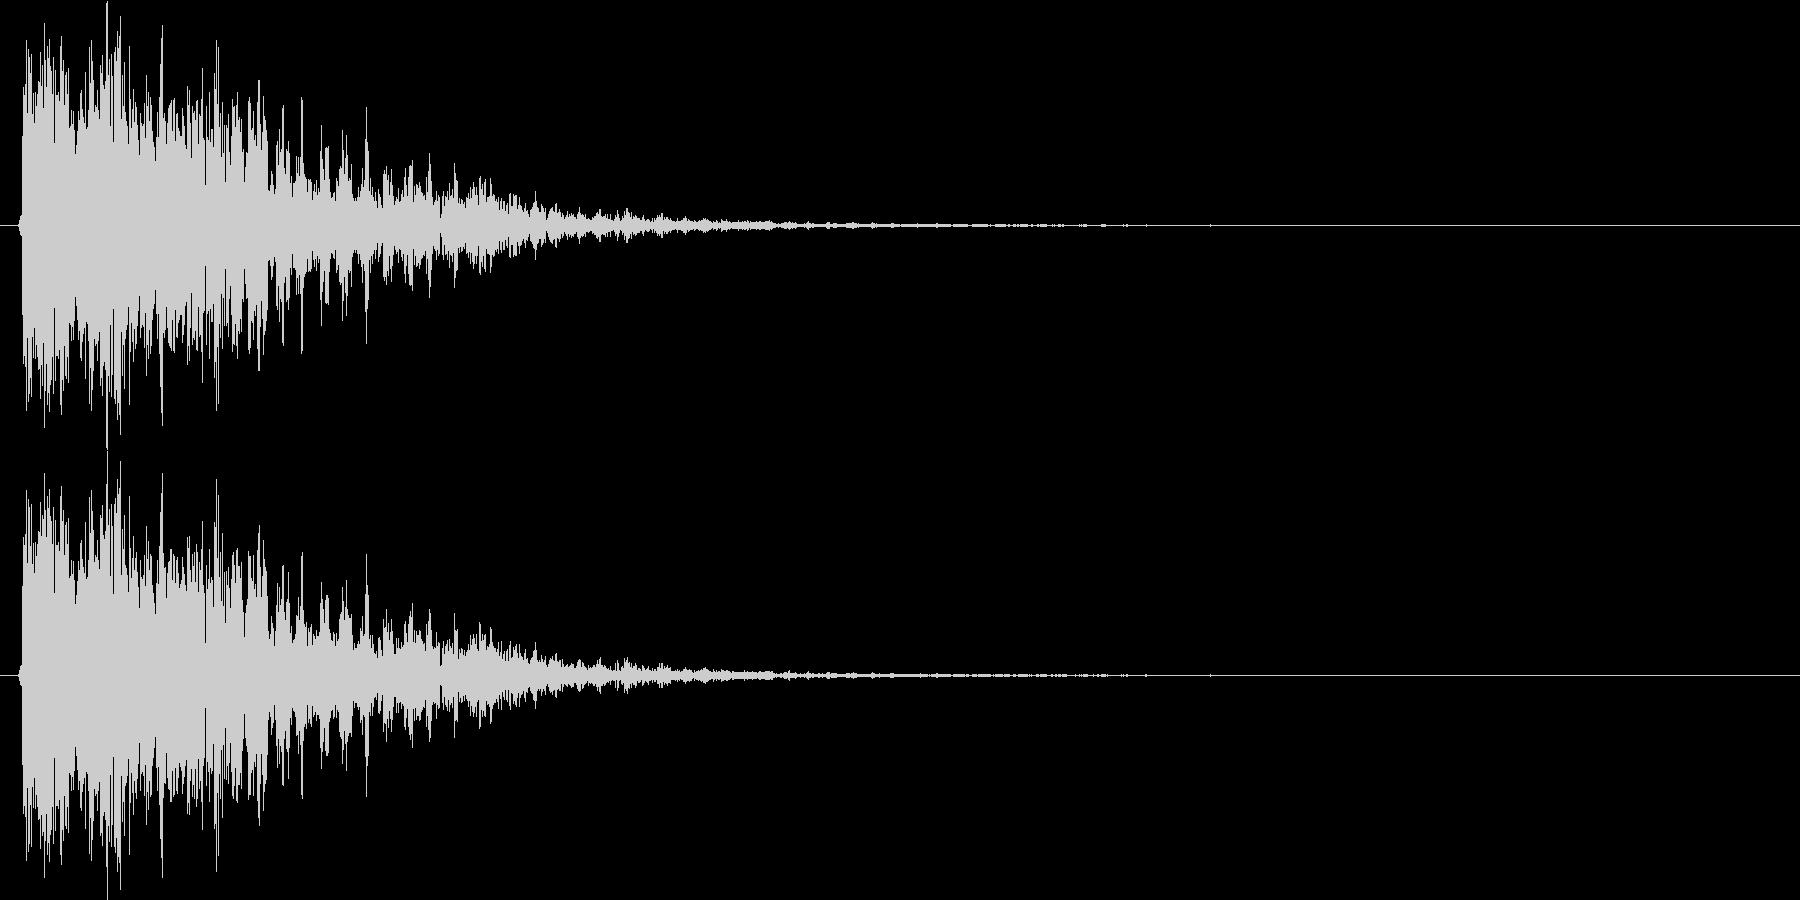 ドピューン(レーザーガン発射音)Bの未再生の波形